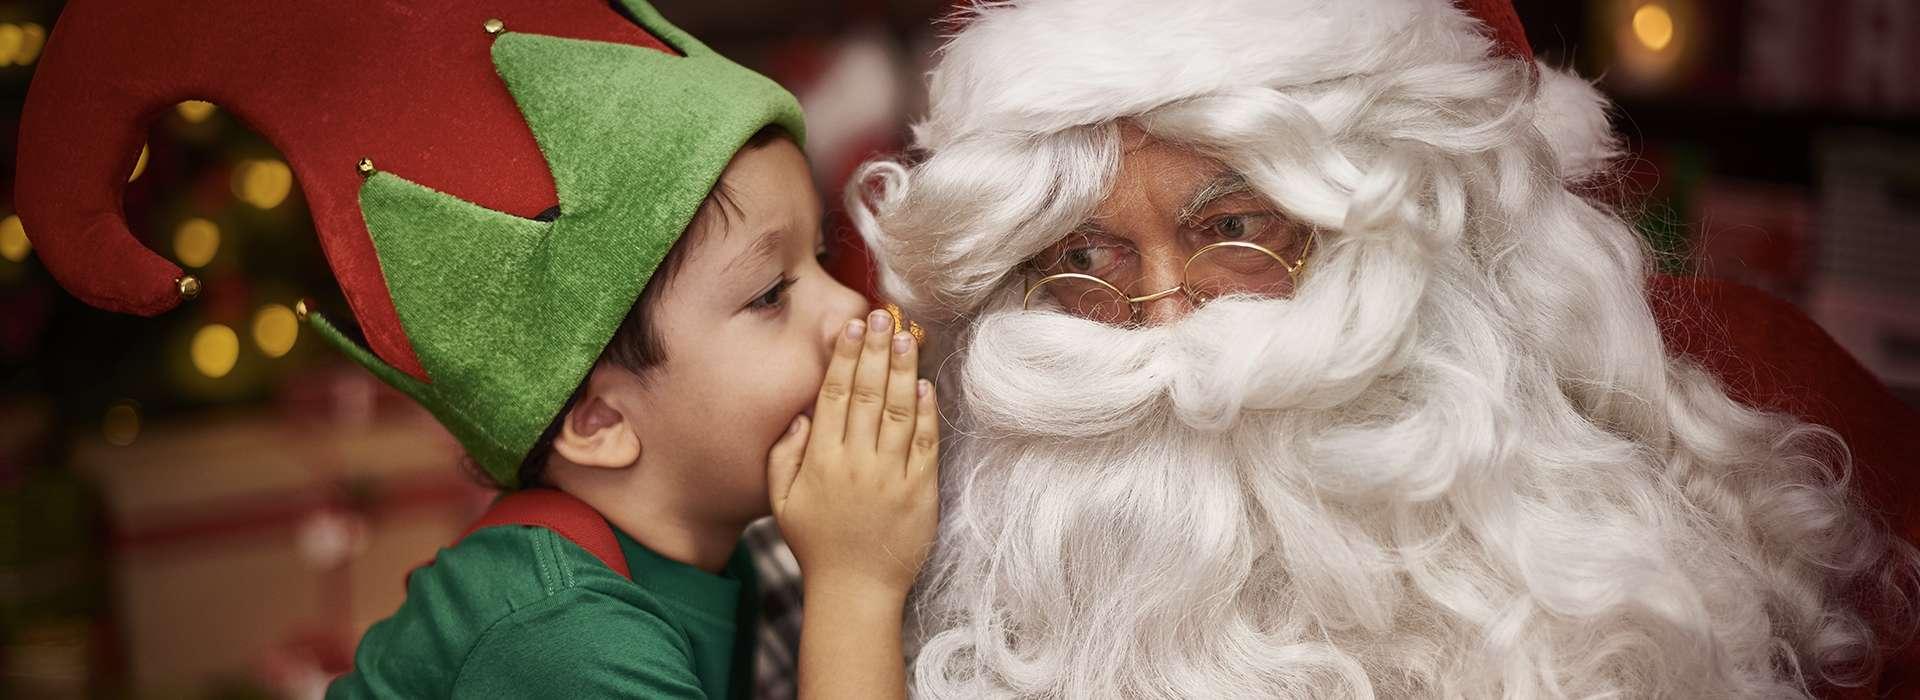 Slider d'images de l'animation Noël chez les sorcières